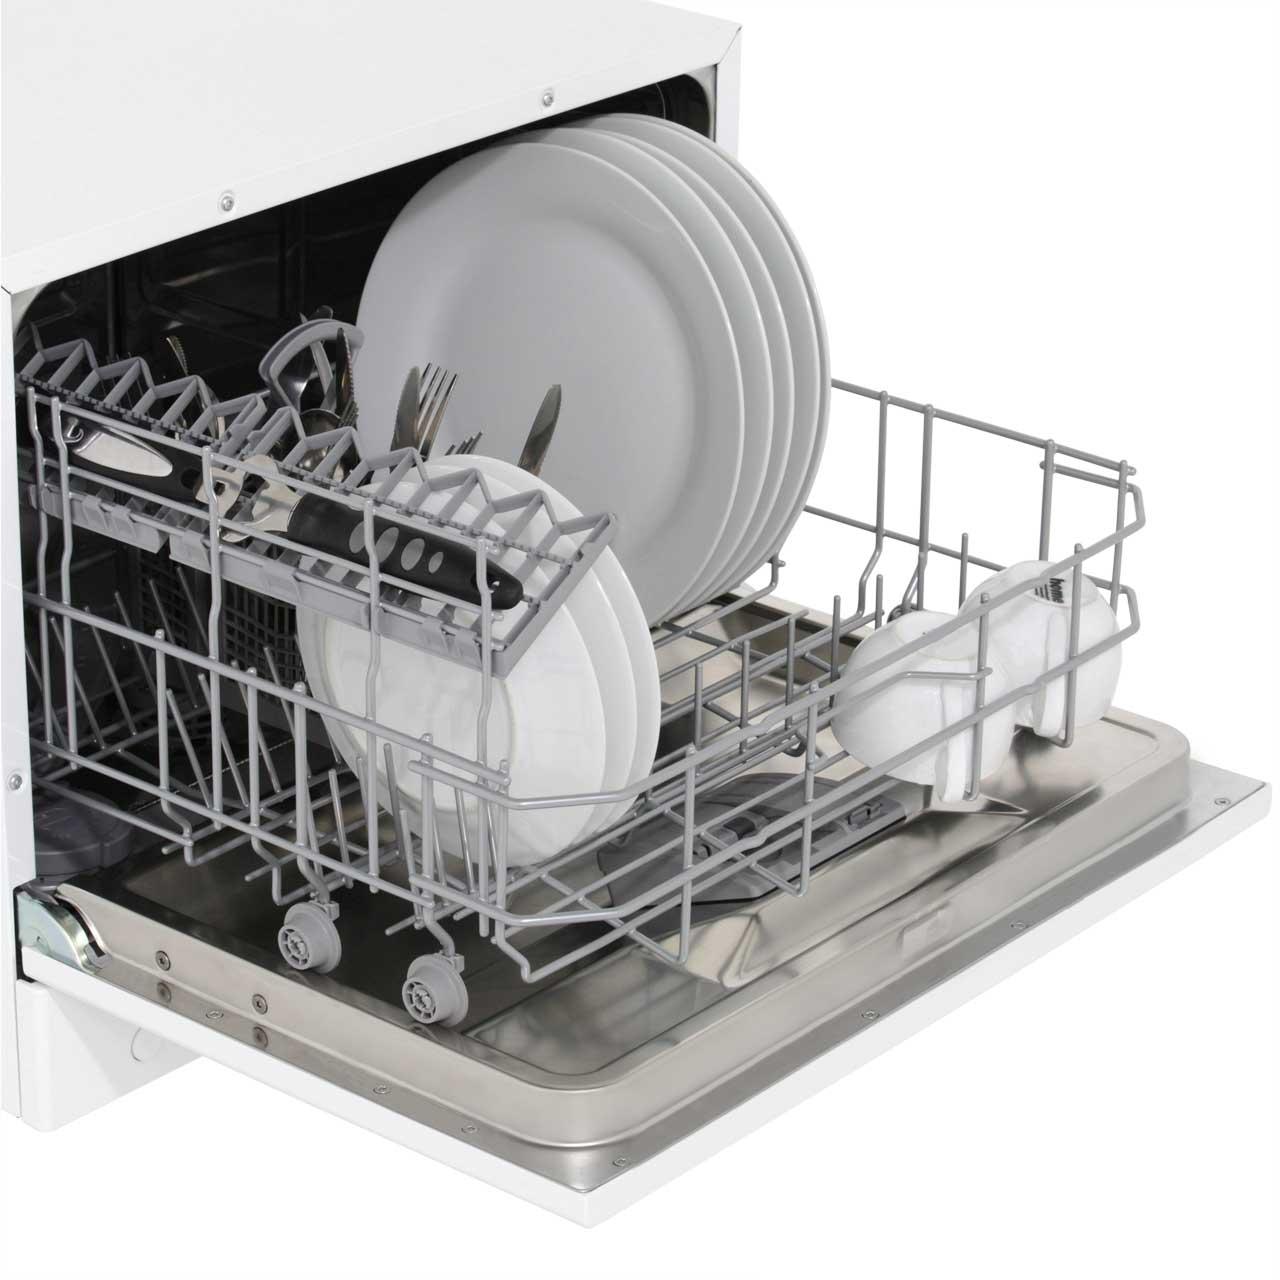 SKS62E22EU_WH | Bosch Table Top Dishwasher | Ao.com